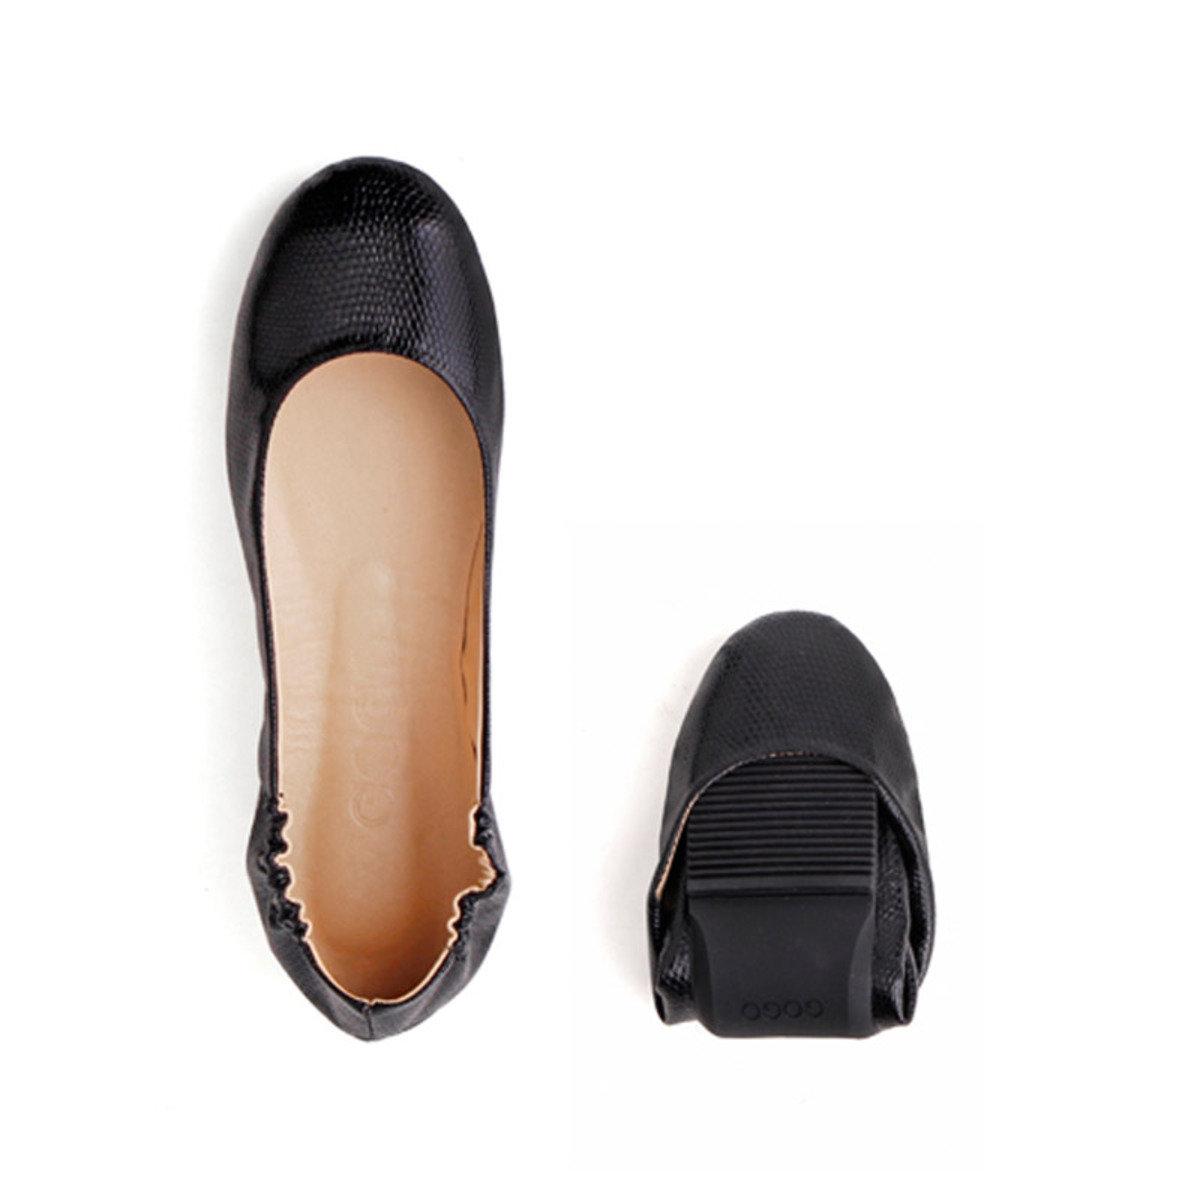 基本摺疊式平底鞋_GOGO_5BLK